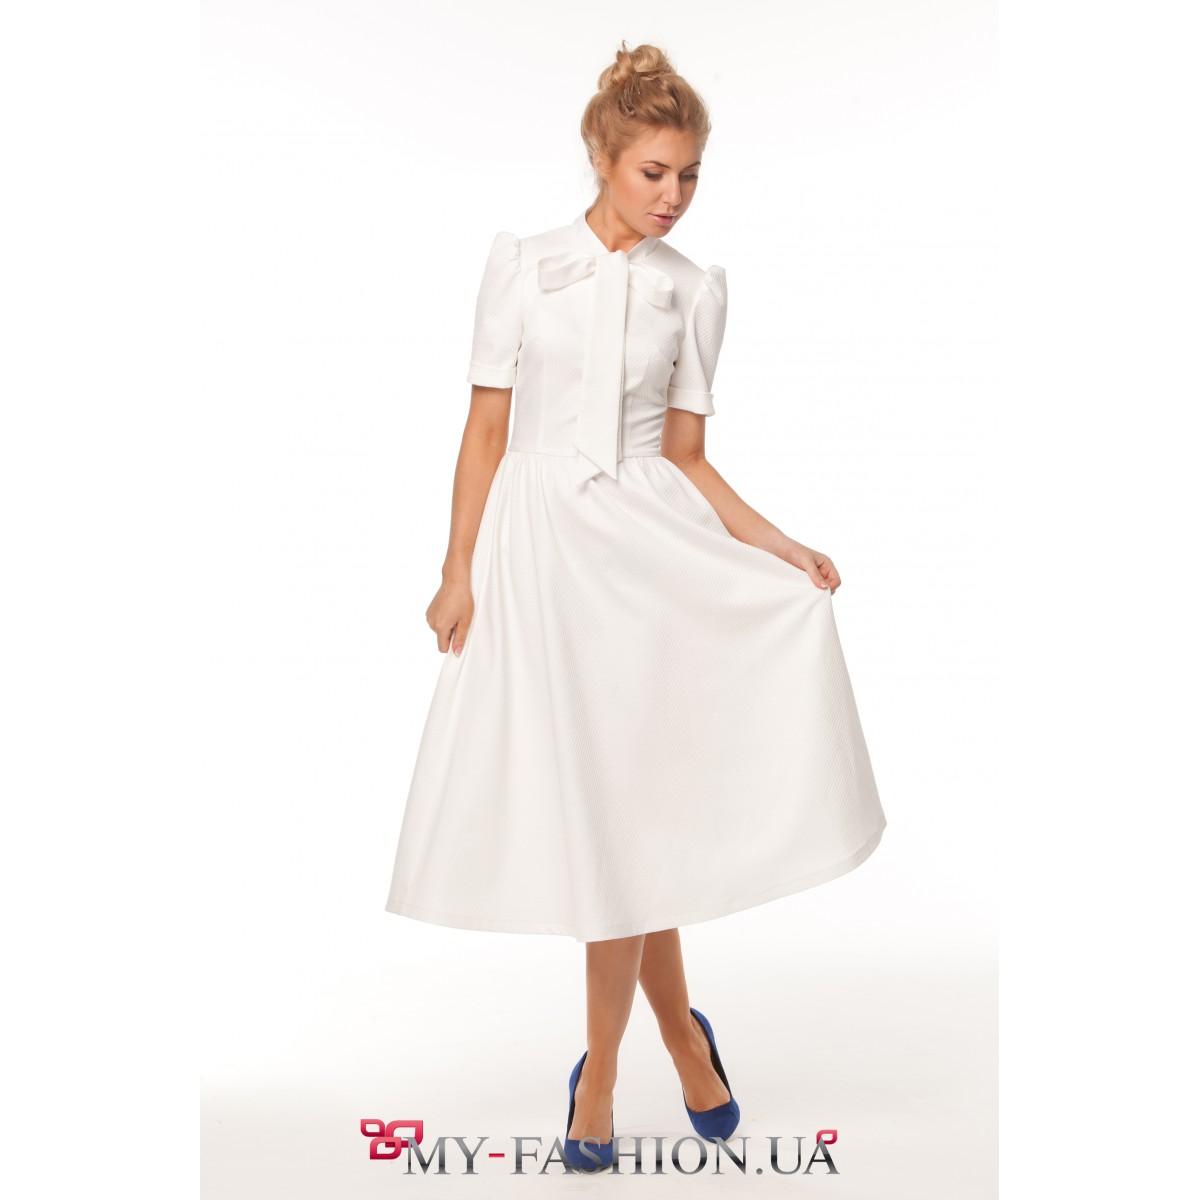 Нежное белое платье с завязкой-бантом купить в интернет магазине в ... 7621dd6bea5